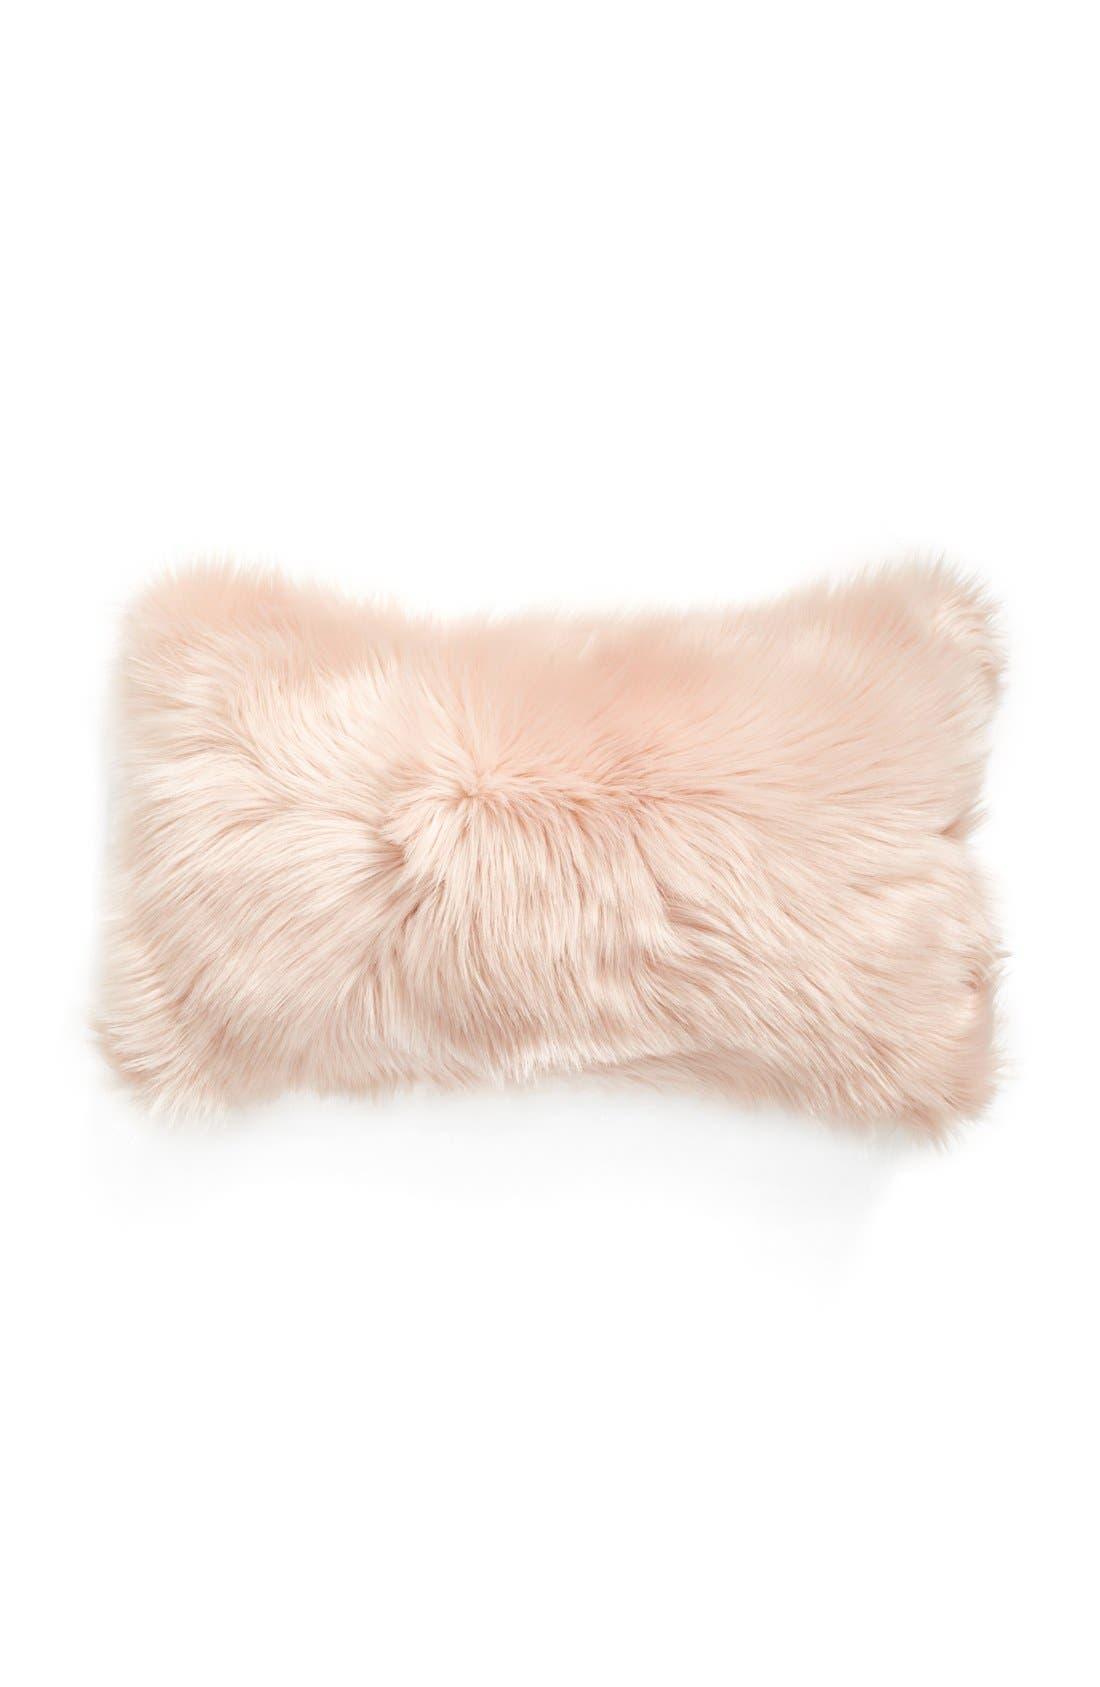 'Sumptuous' Faux Fur Accent Pillow,                         Main,                         color, ROSE